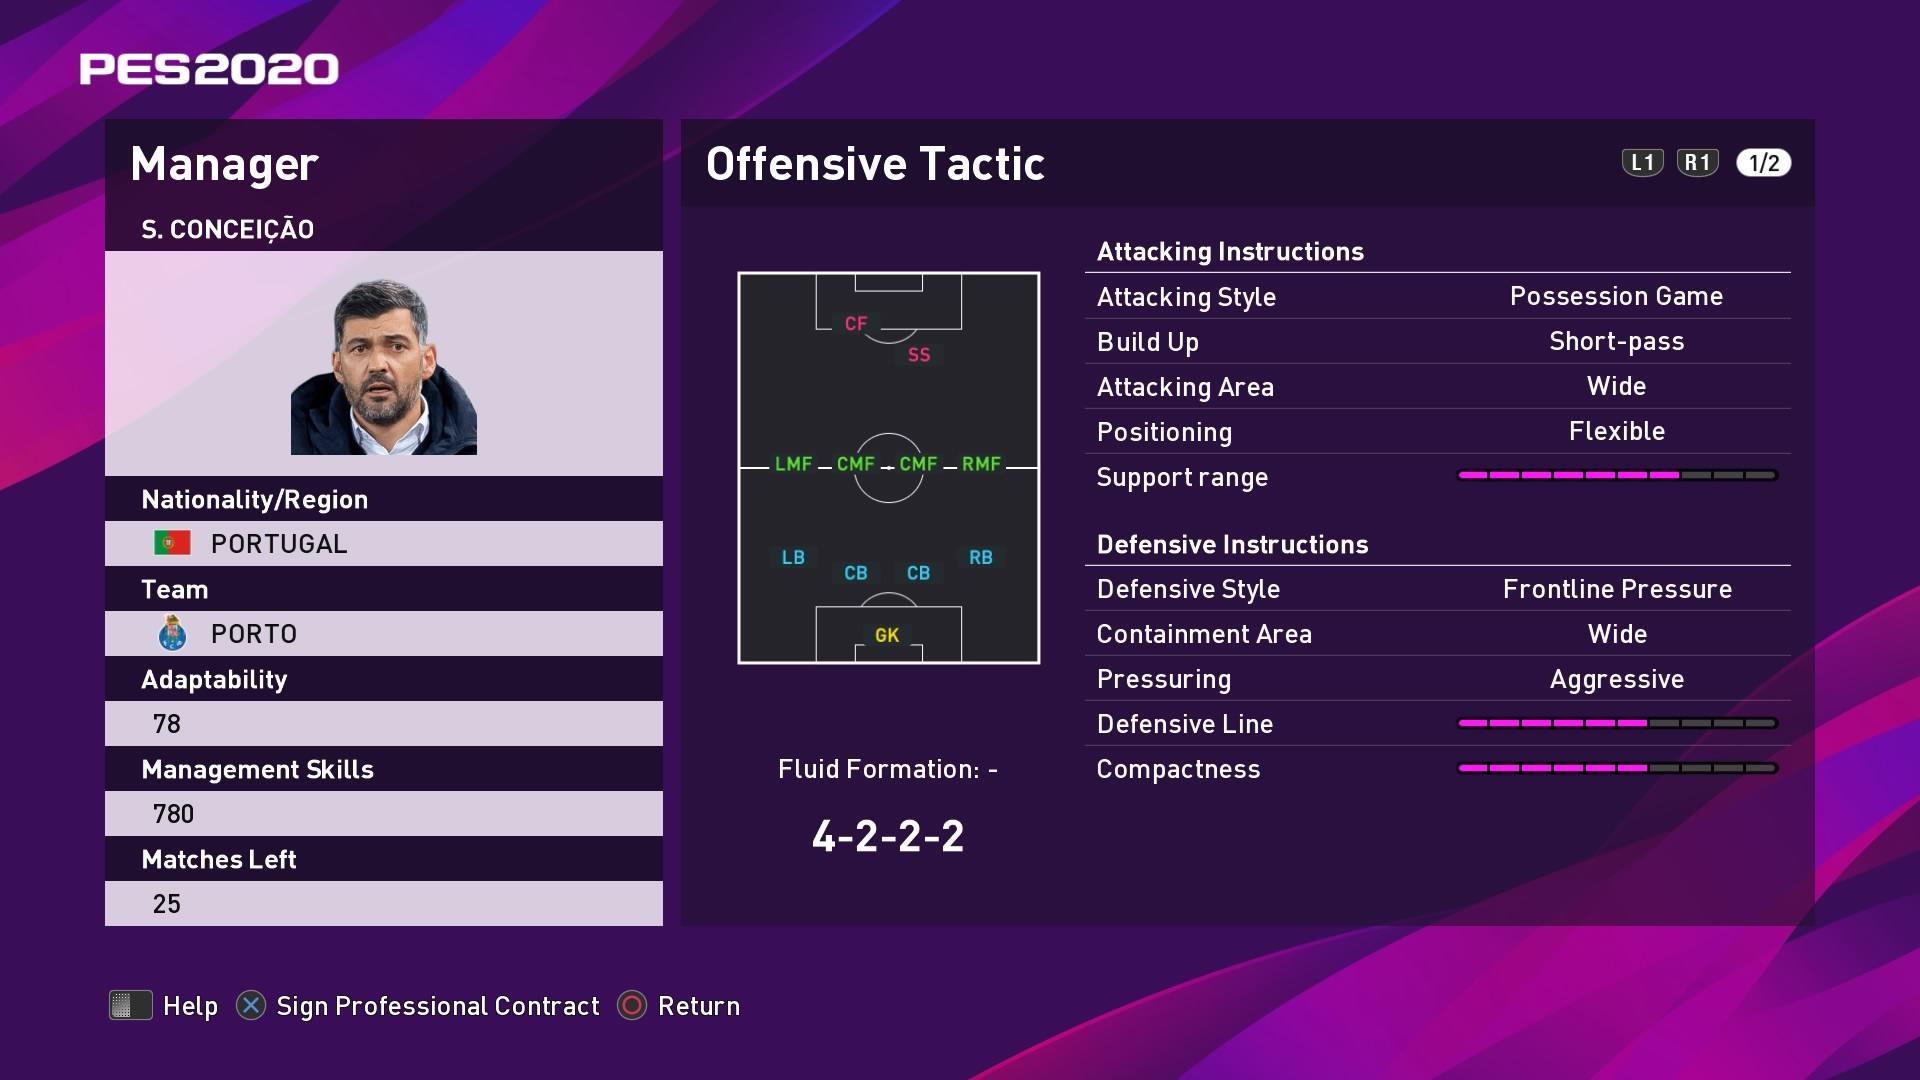 S. Conceição (Sérgio Conceição) Offensive Tactic in PES 2020 myClub